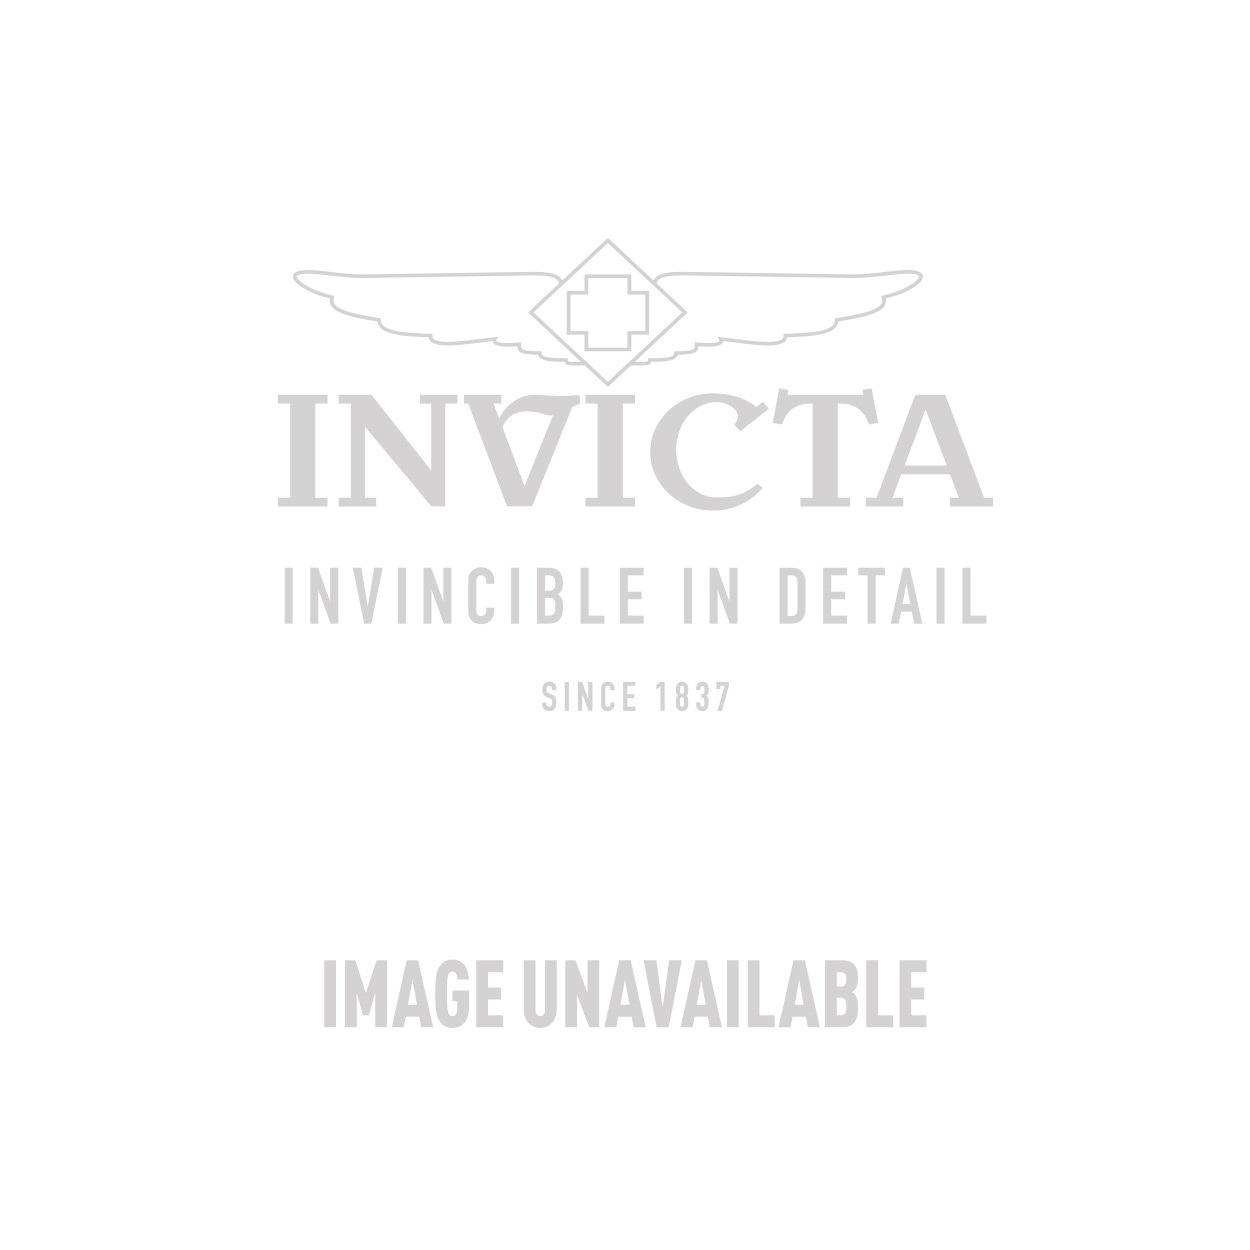 Invicta Model  25141